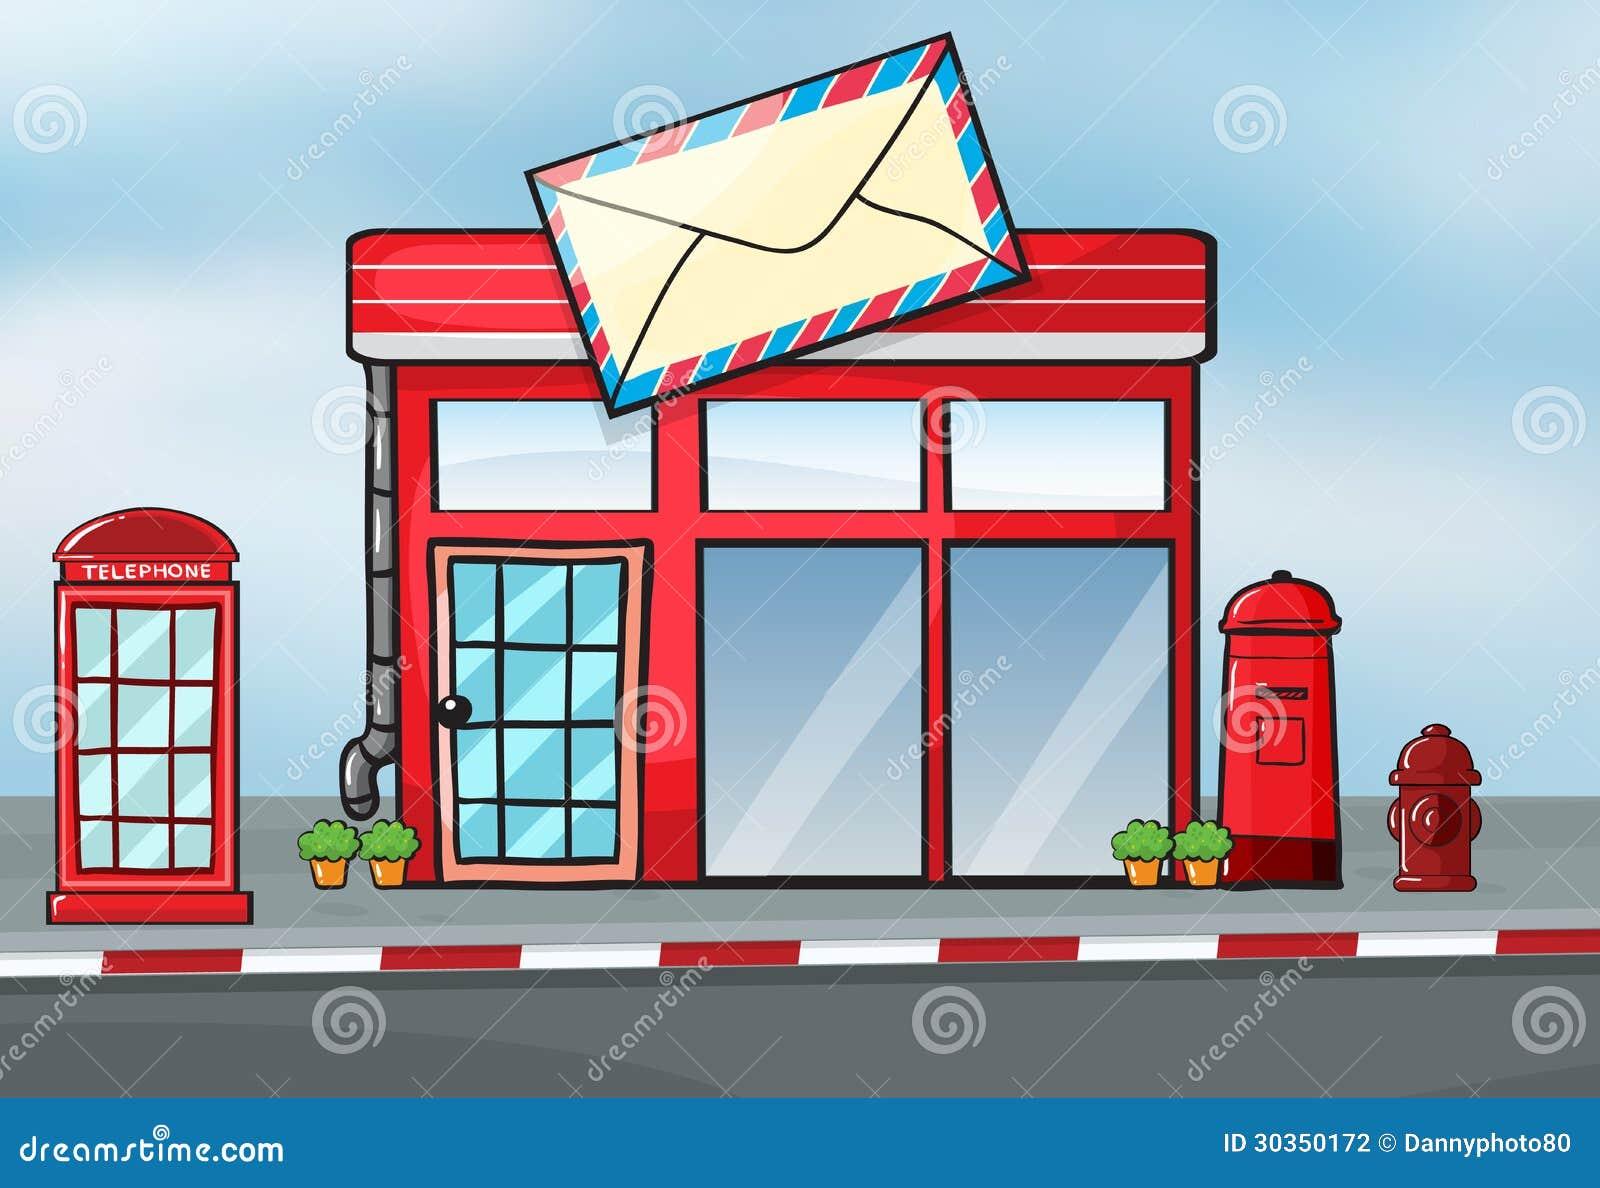 Una oficina de correos ilustraci n del vector imagen de for Oficina de correos tarragona